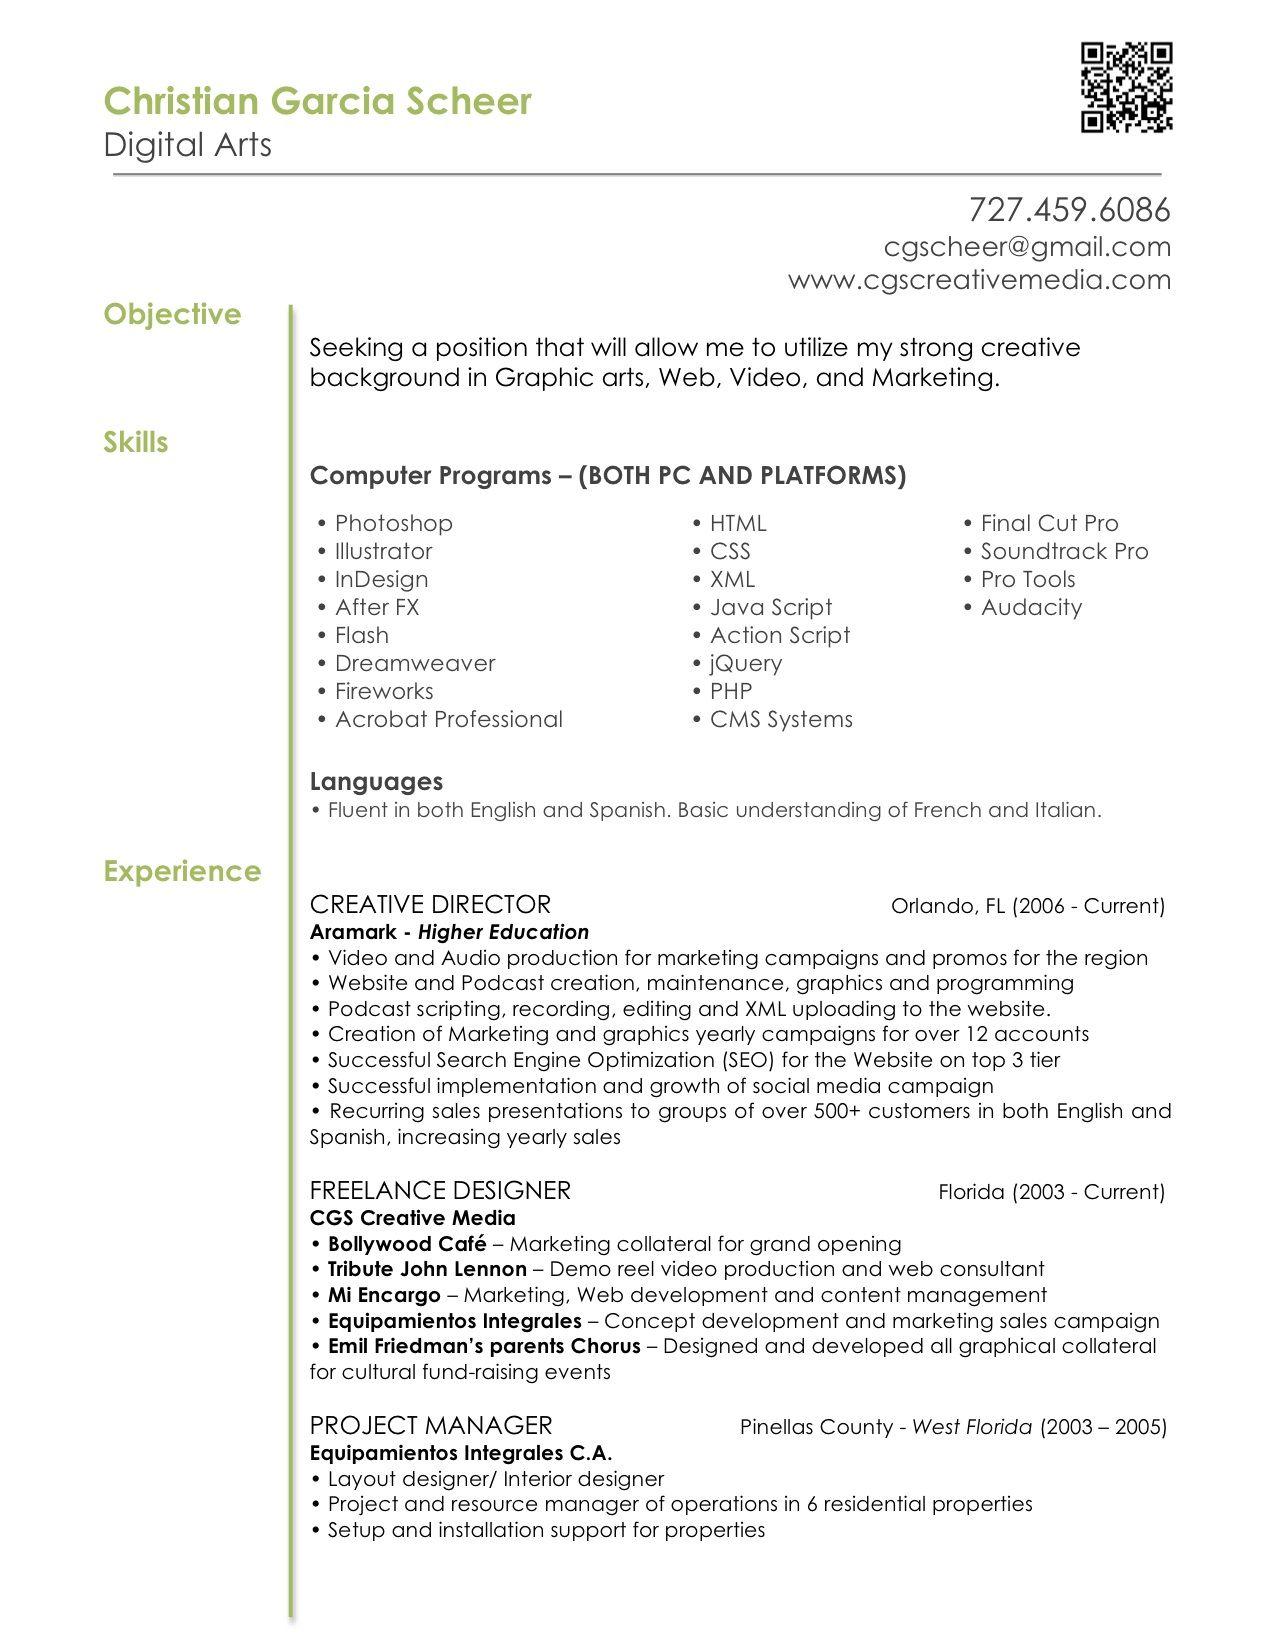 webpagedesignerresumeexampleresumesample5.jpg (1275